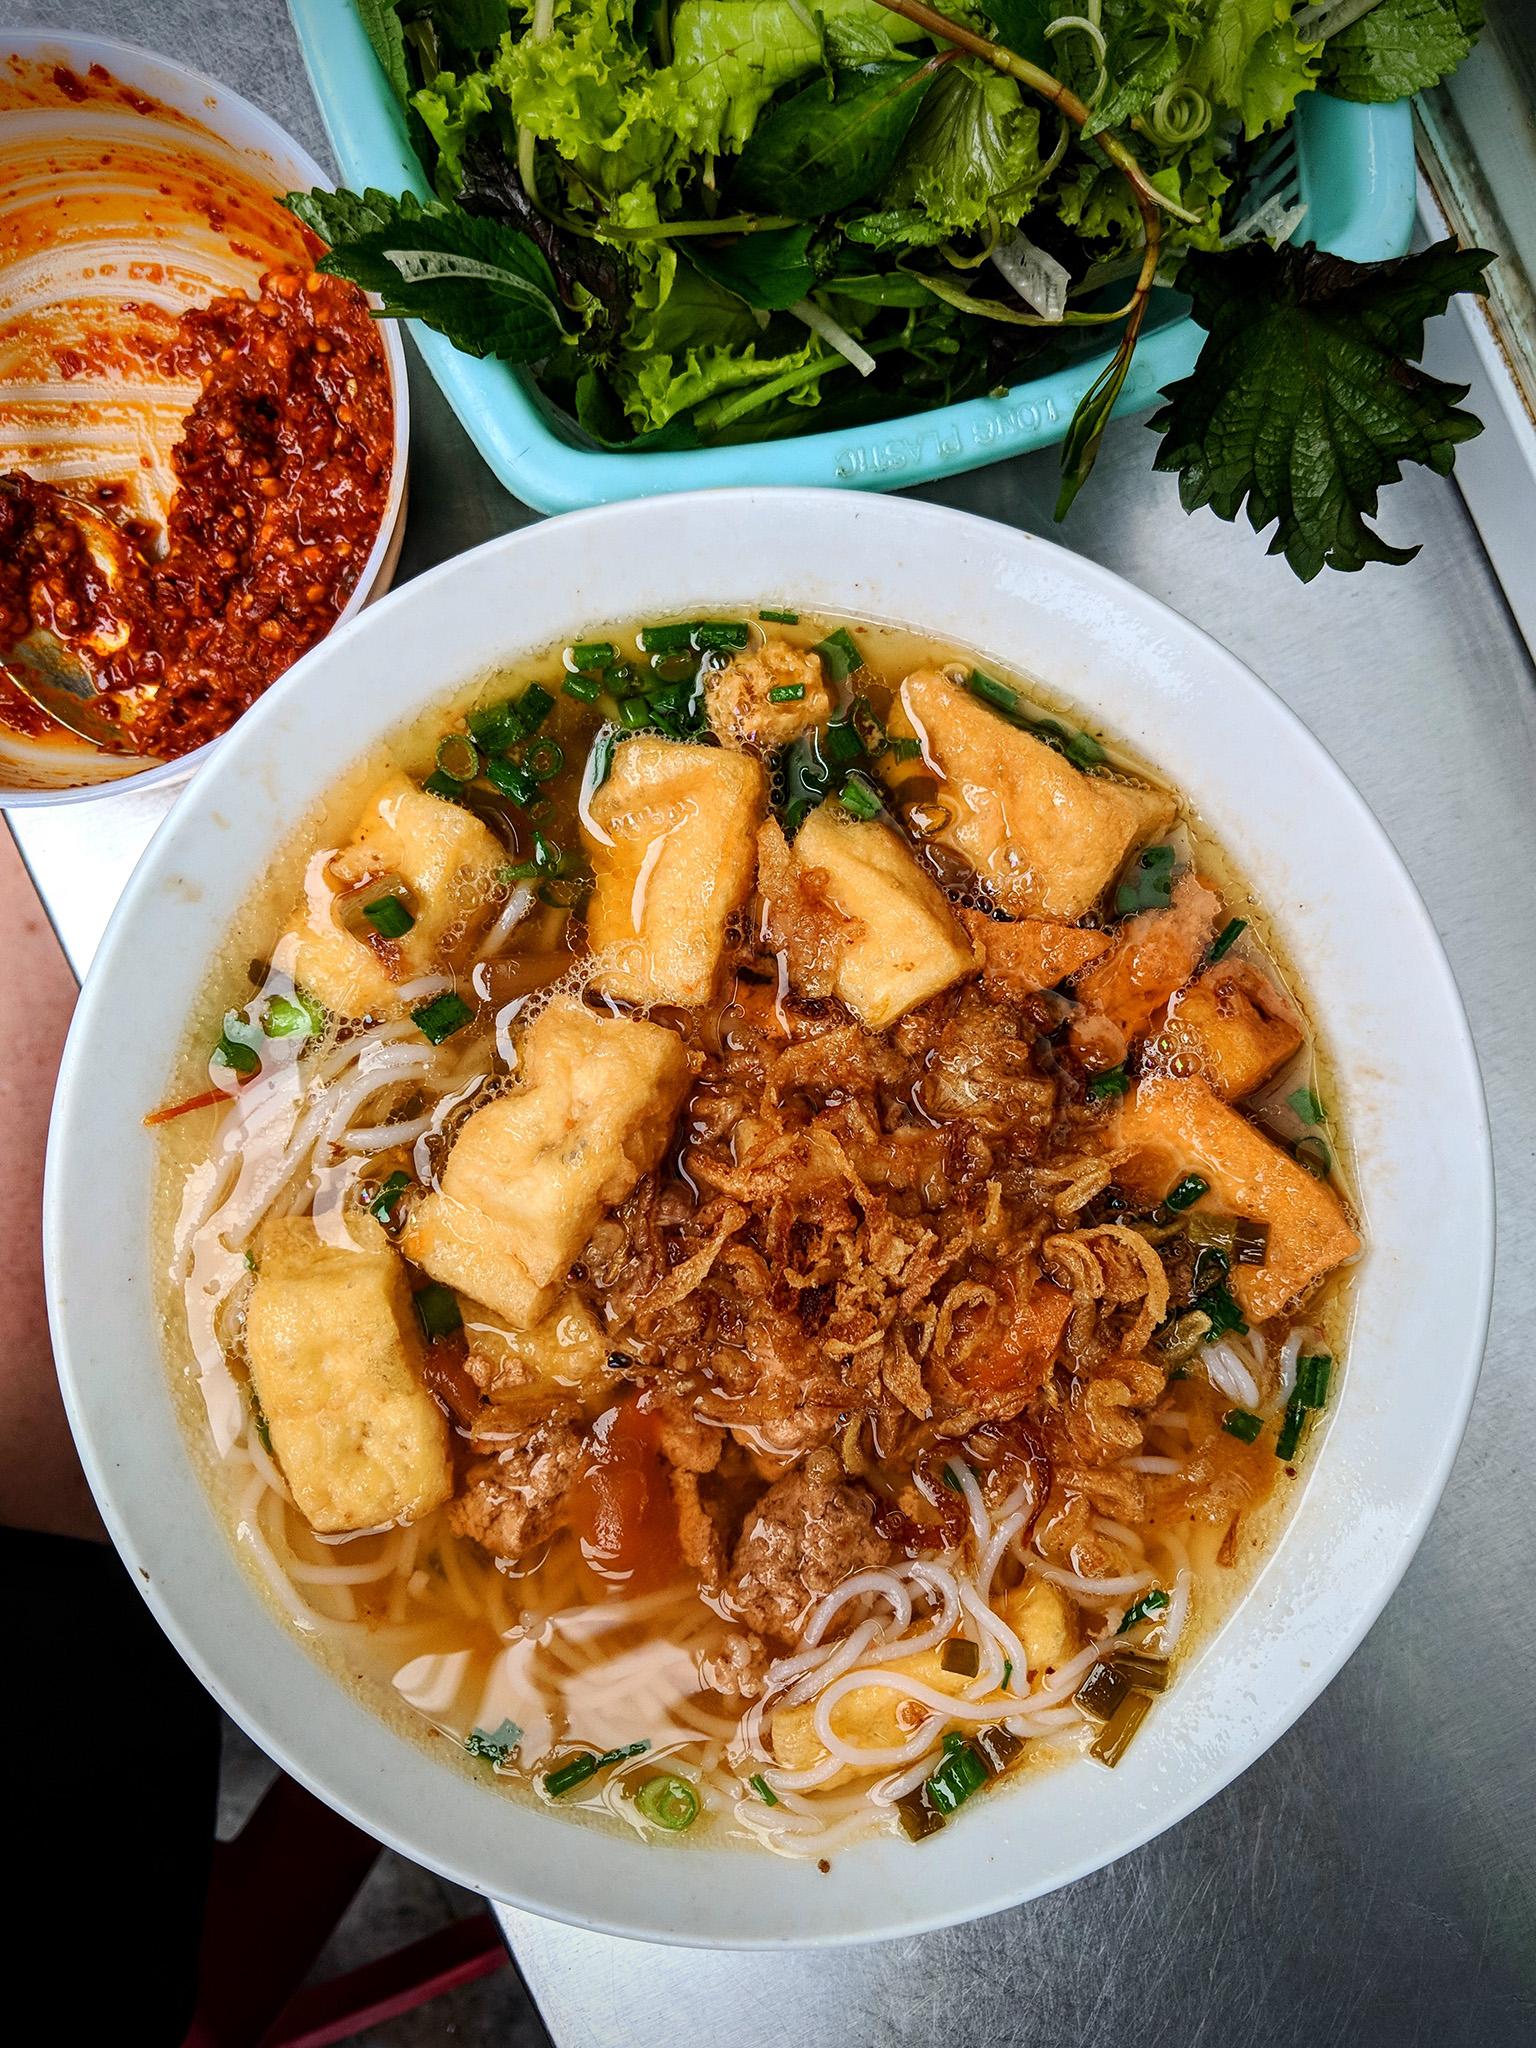 Delicious Bún riêu, a noodle dish with tomato-crab paste broth, at Bún Riêu Hàng Bạc